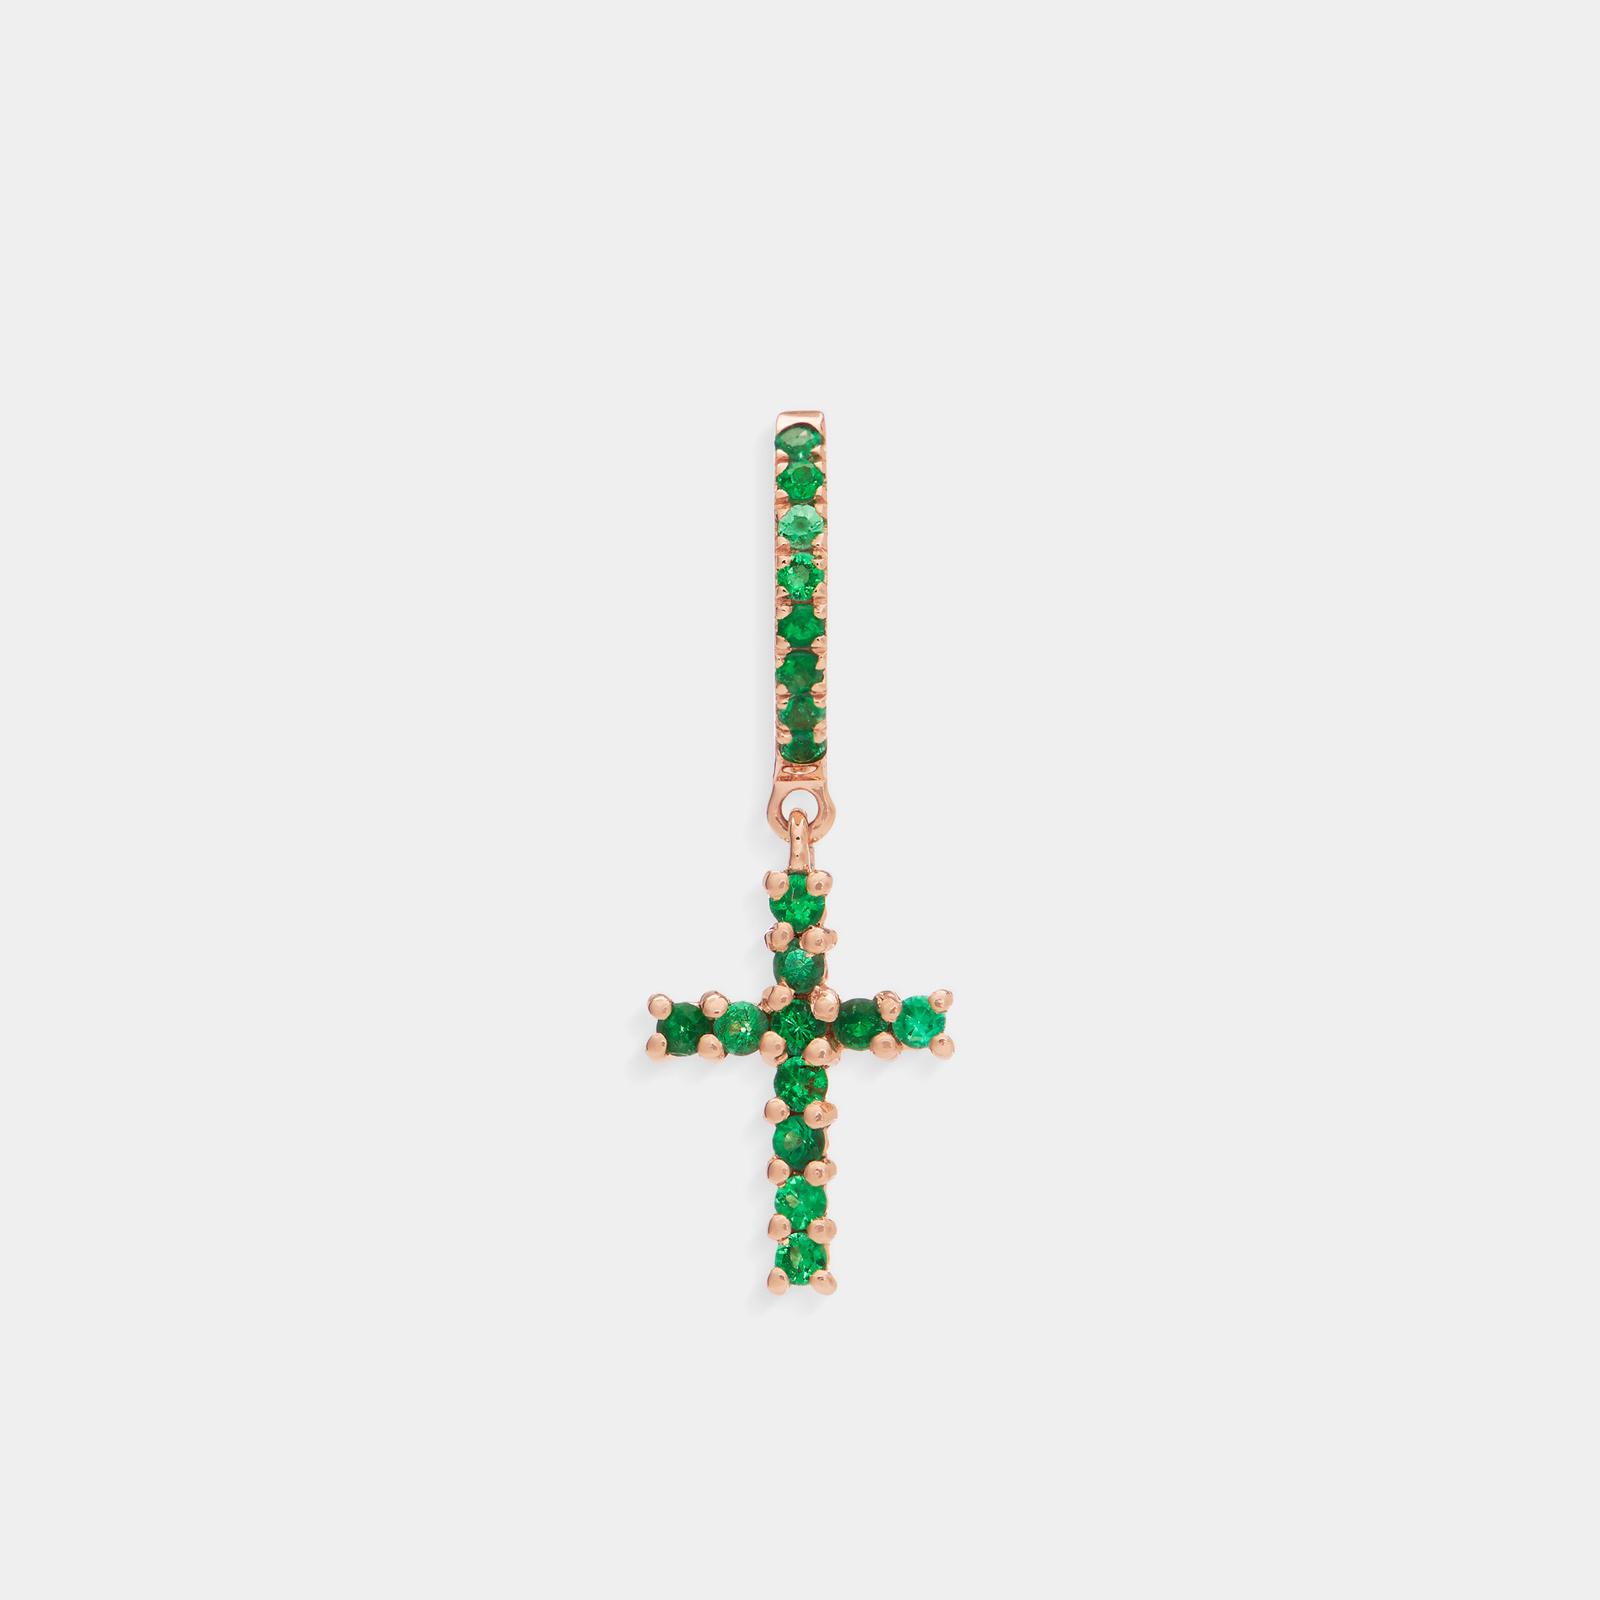 Crivelli - Mono orecchino pendente croce in oro rosa e smeraldi